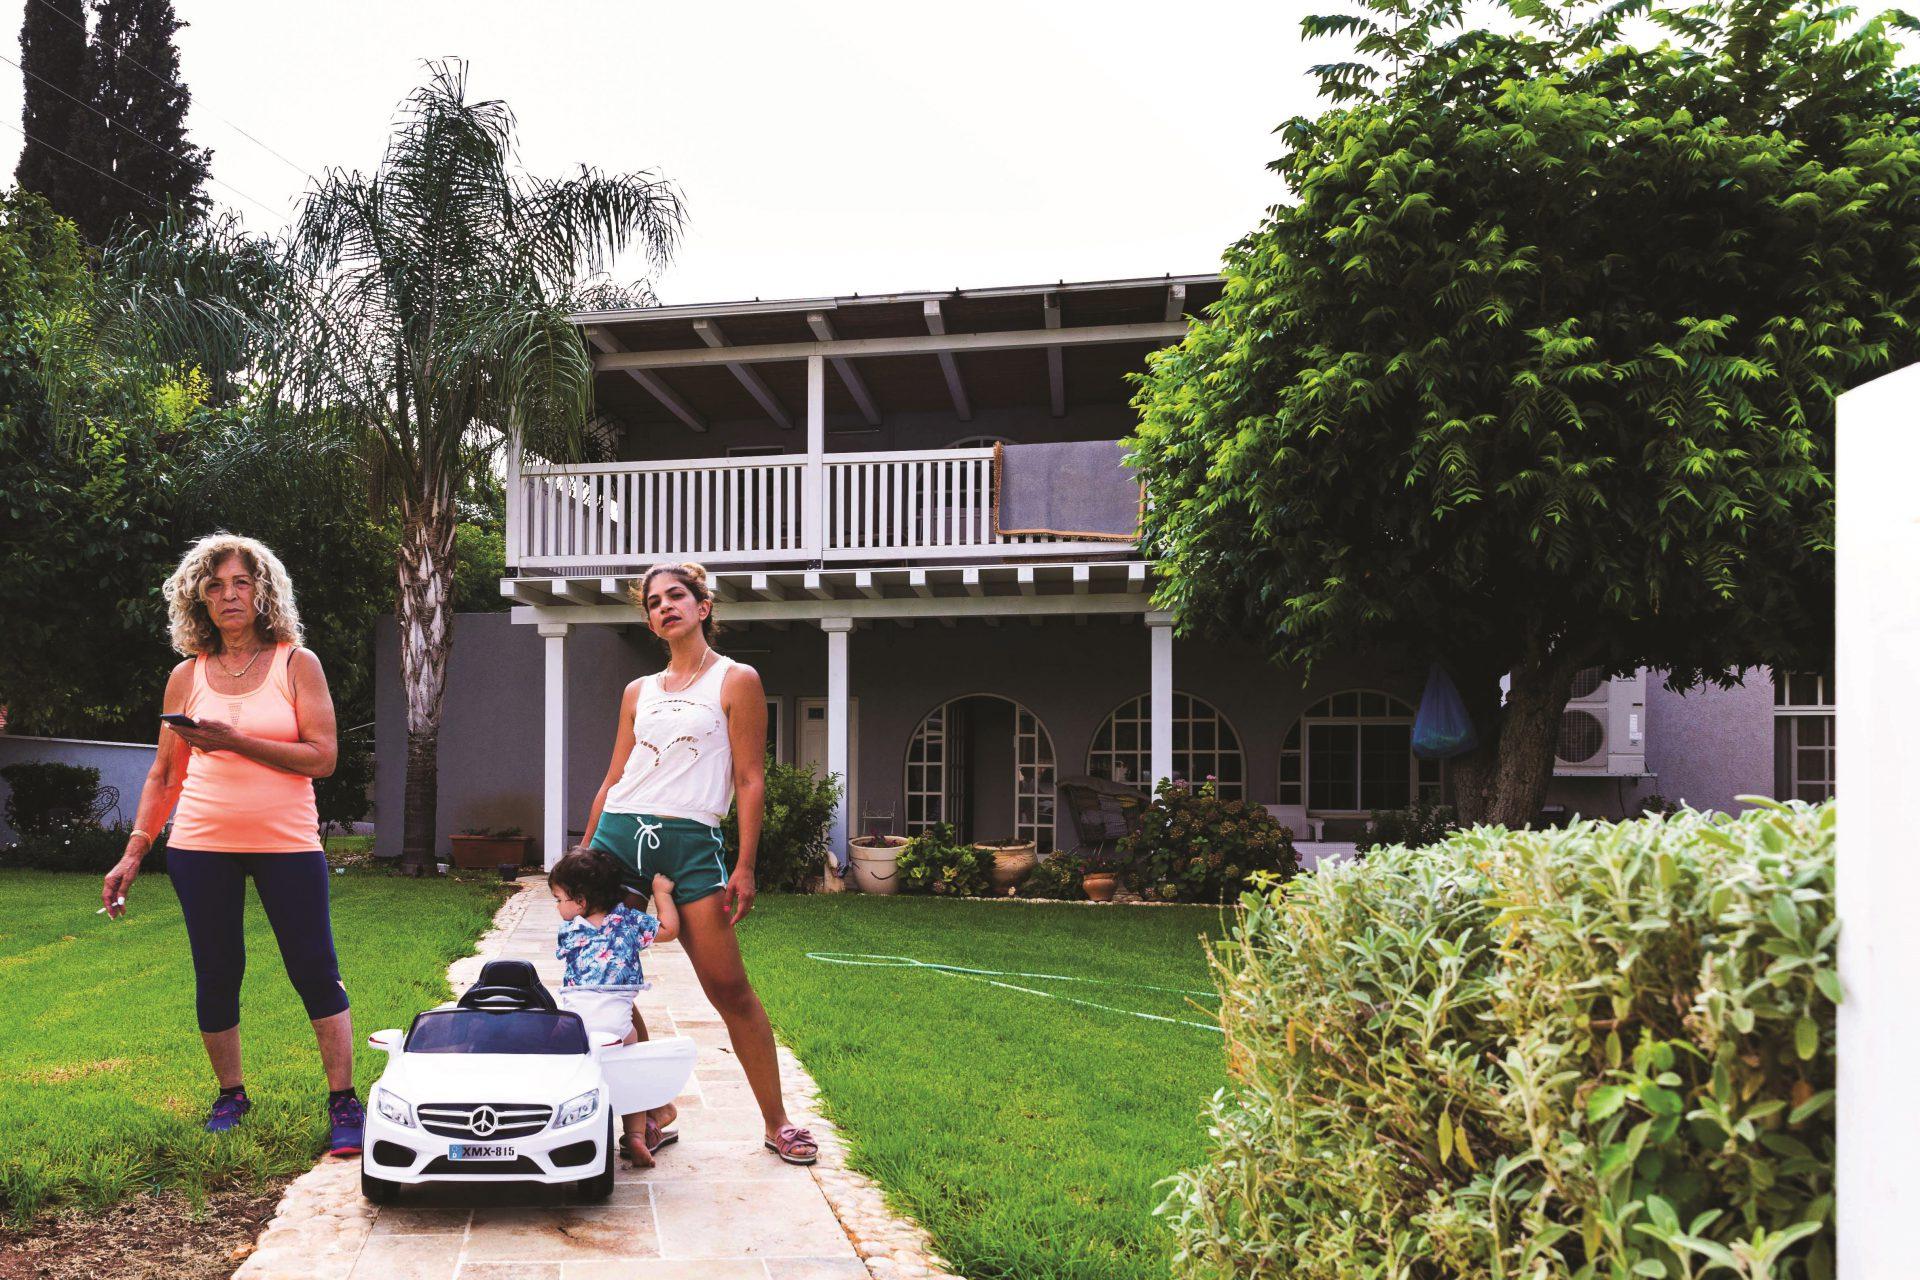 צילום אושרי חיון ברקע הבית מה זה הבית והנשיות בשבילי שלושה דורות